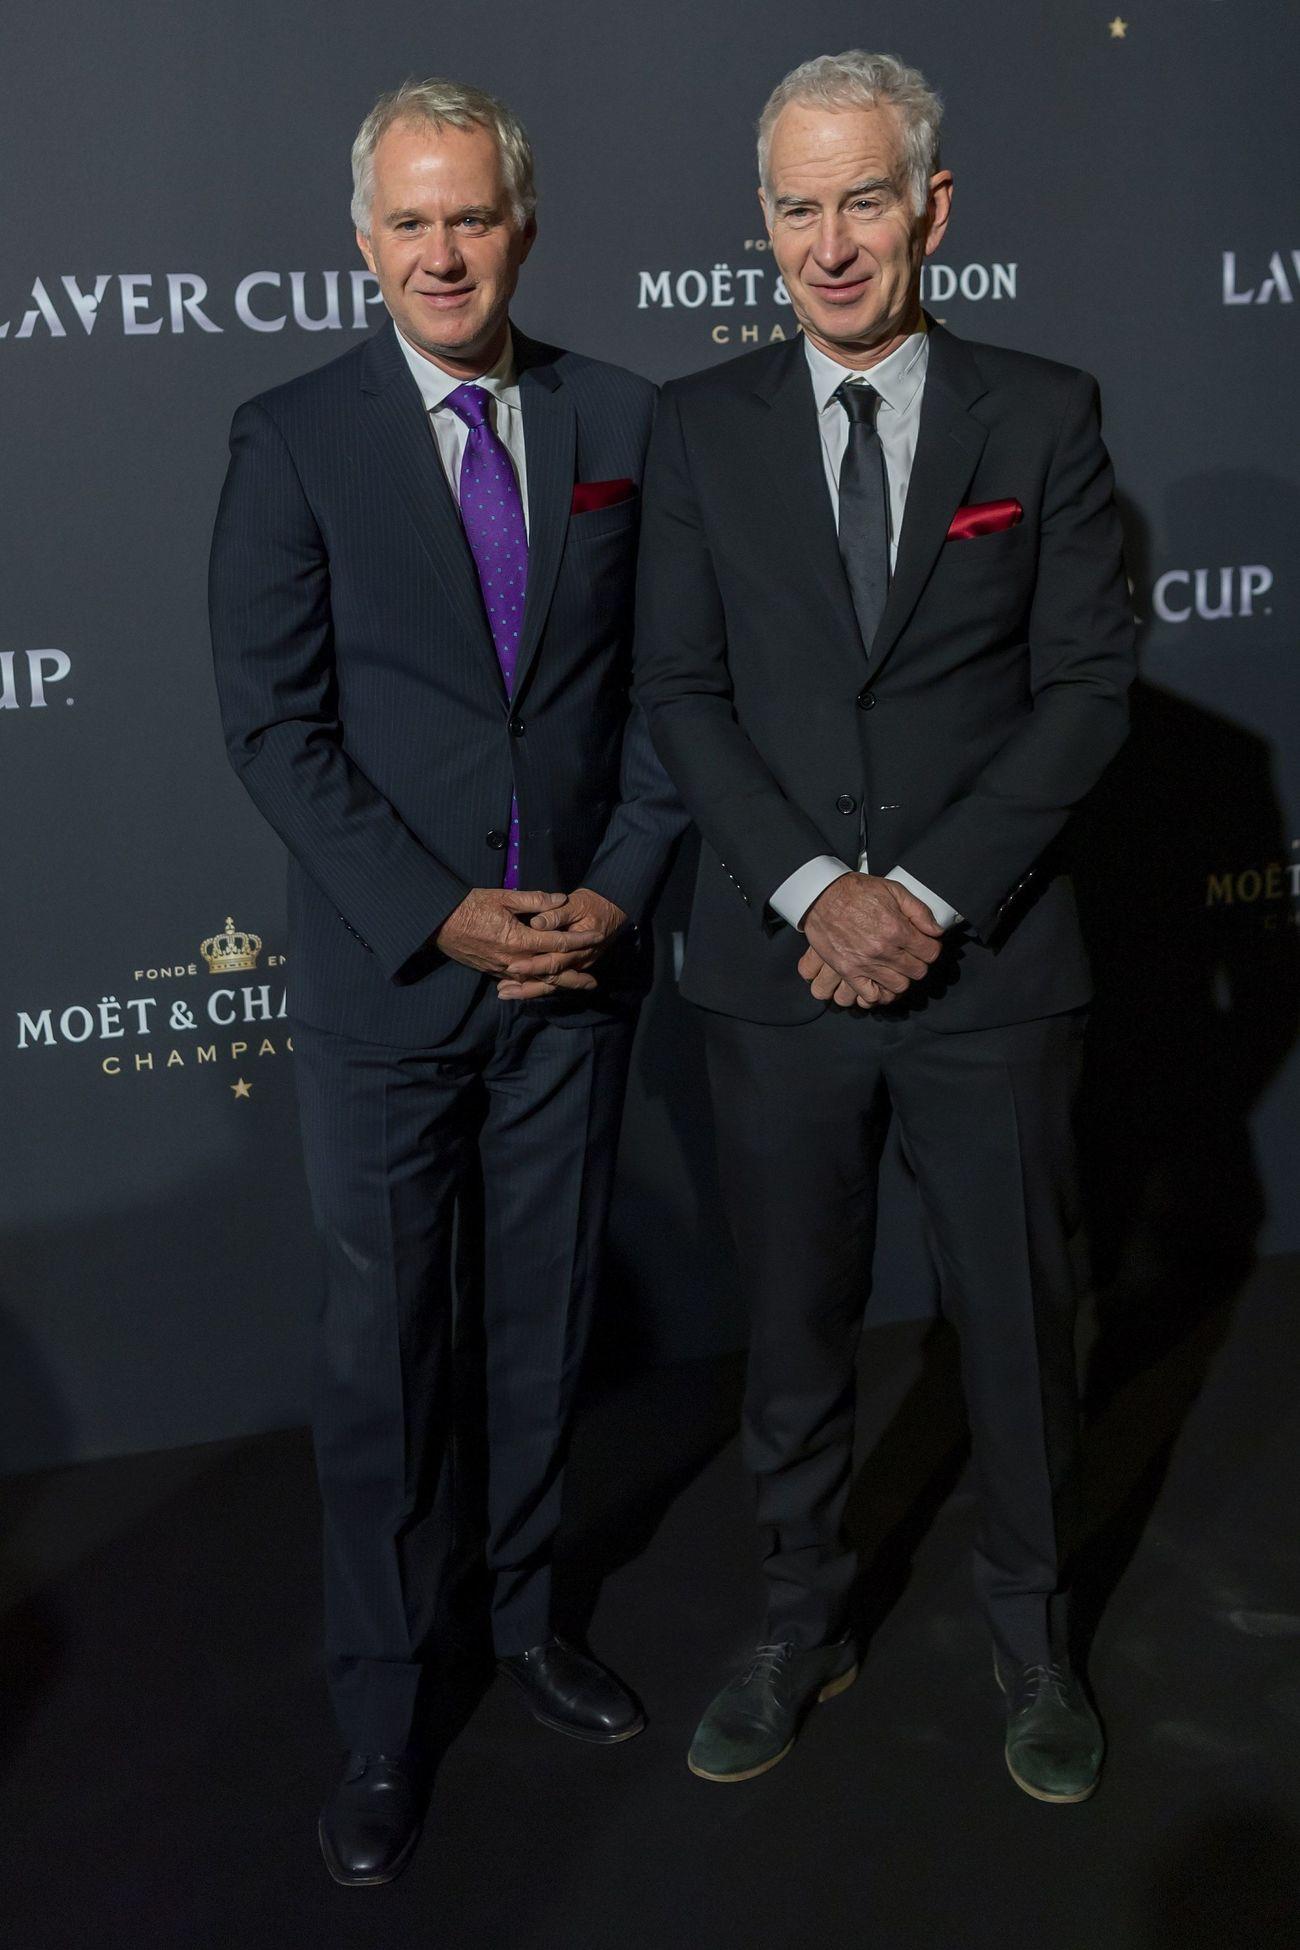 Patrick McEnroe y John McEnroe en la alfombra roja de la noche de gala de la Laver Cup en Ginebra.